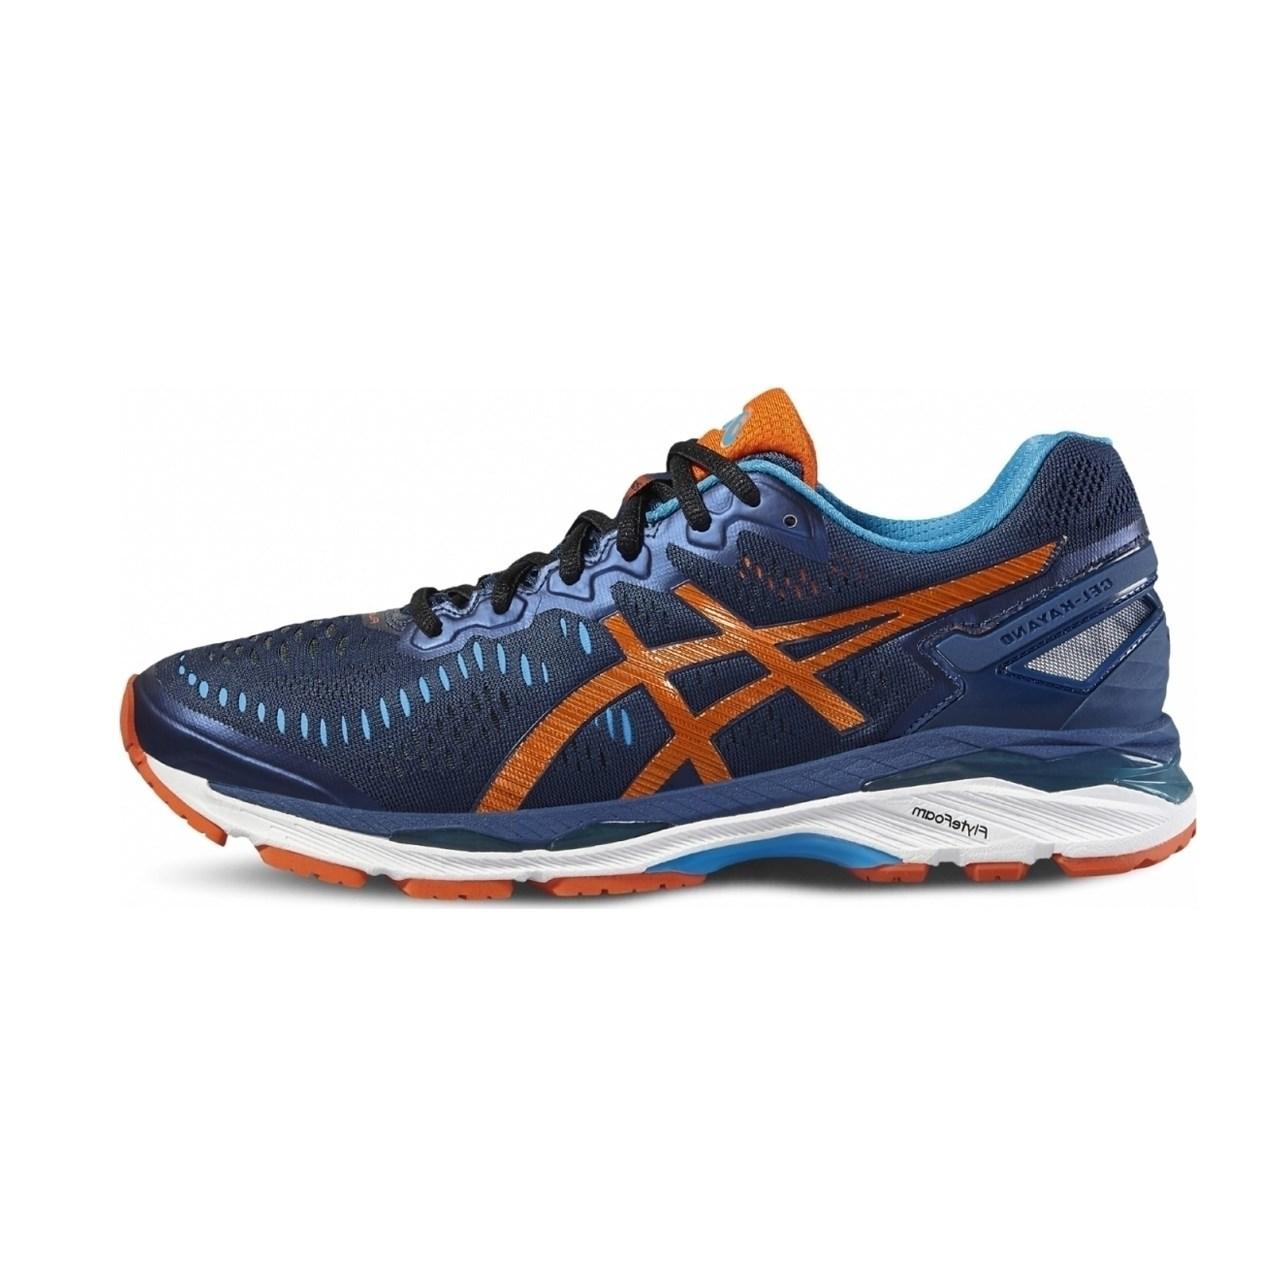 قیمت کفش مخصوص دویدن مردانه اسیکس مدل GEL-KAYANO 23 کد T646N-5809